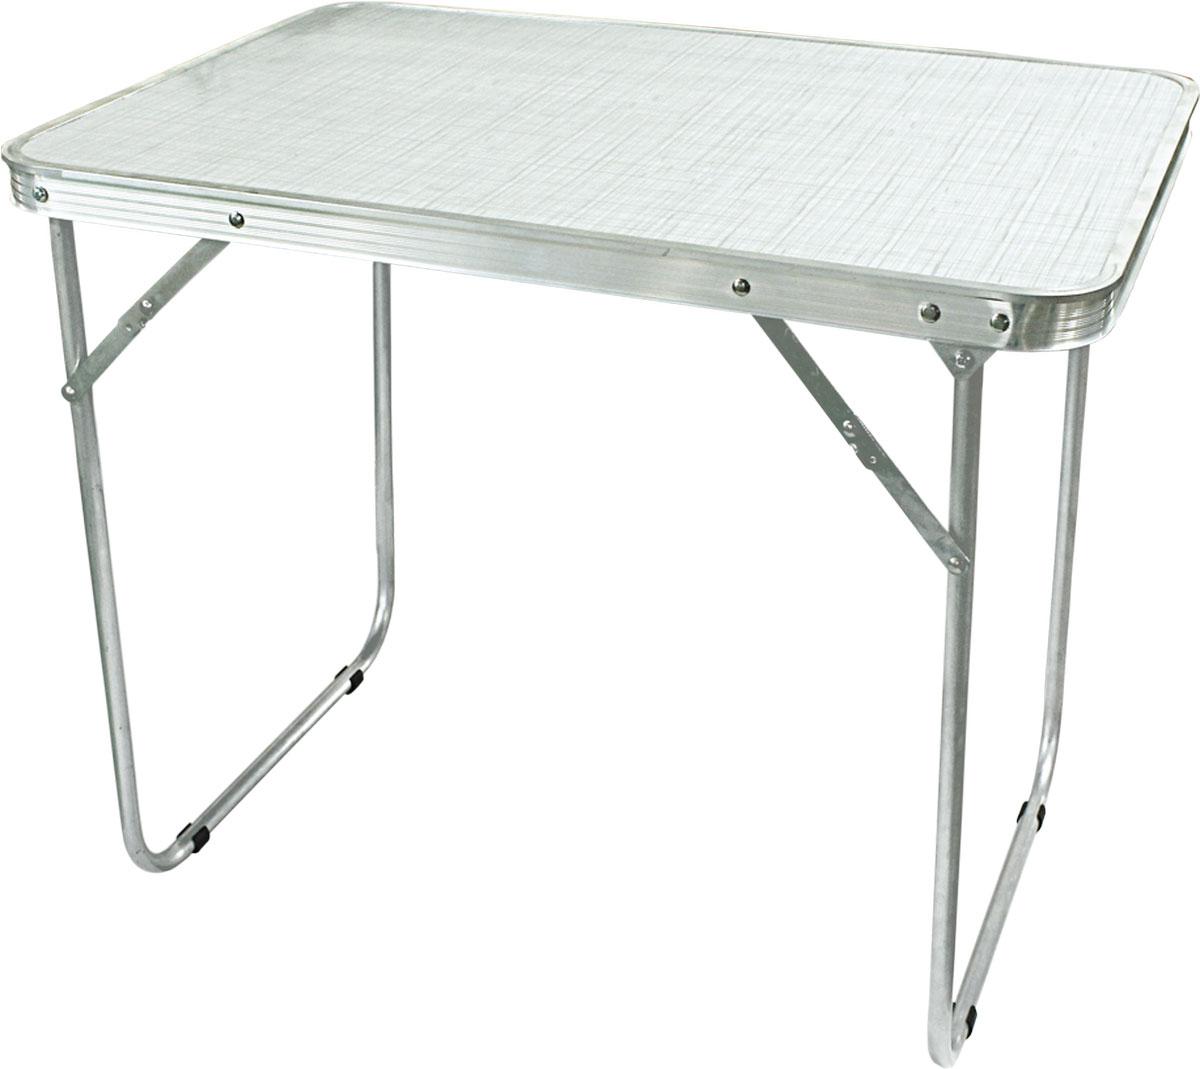 Стол складной Woodland Camping Table Light, цвет: белый, стальной, 70 x 50 x 60 см0063242Профиль: алюминий. Труба: алюминий, 16 х 1 мм. Столешница: ХДФ. Компактная складная конструкция. Прочный алюминий каркас. Материал столешницы - ХДФ. Максимально допустимая нагрузка: 20 кг.